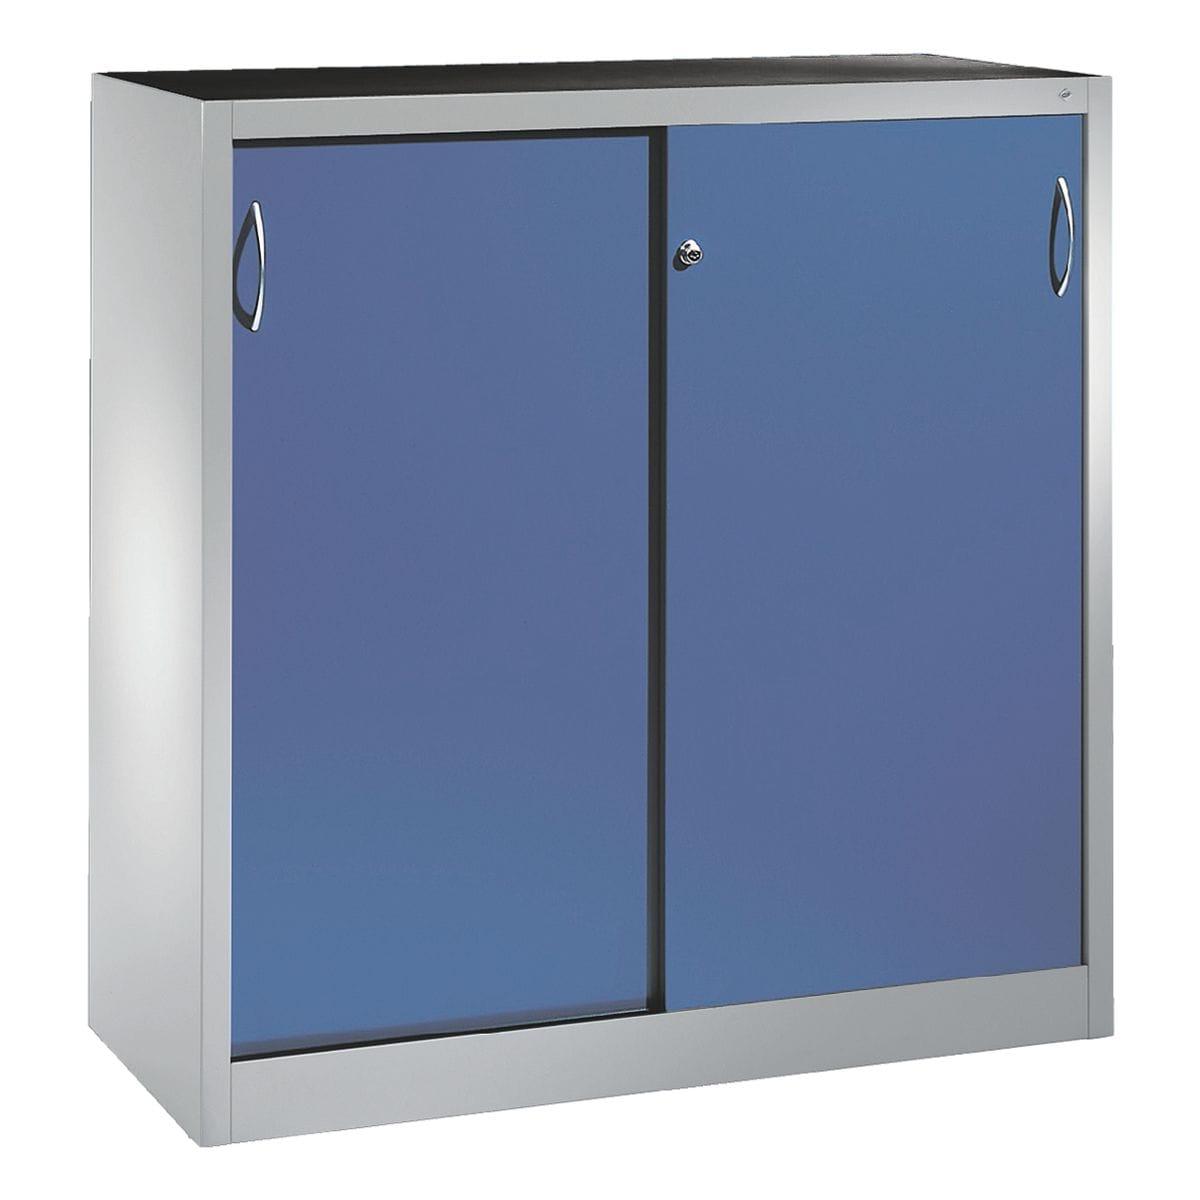 cp stahlschrank abschlie bar 120 x 120 cm schiebet r bei otto office g nstig kaufen. Black Bedroom Furniture Sets. Home Design Ideas